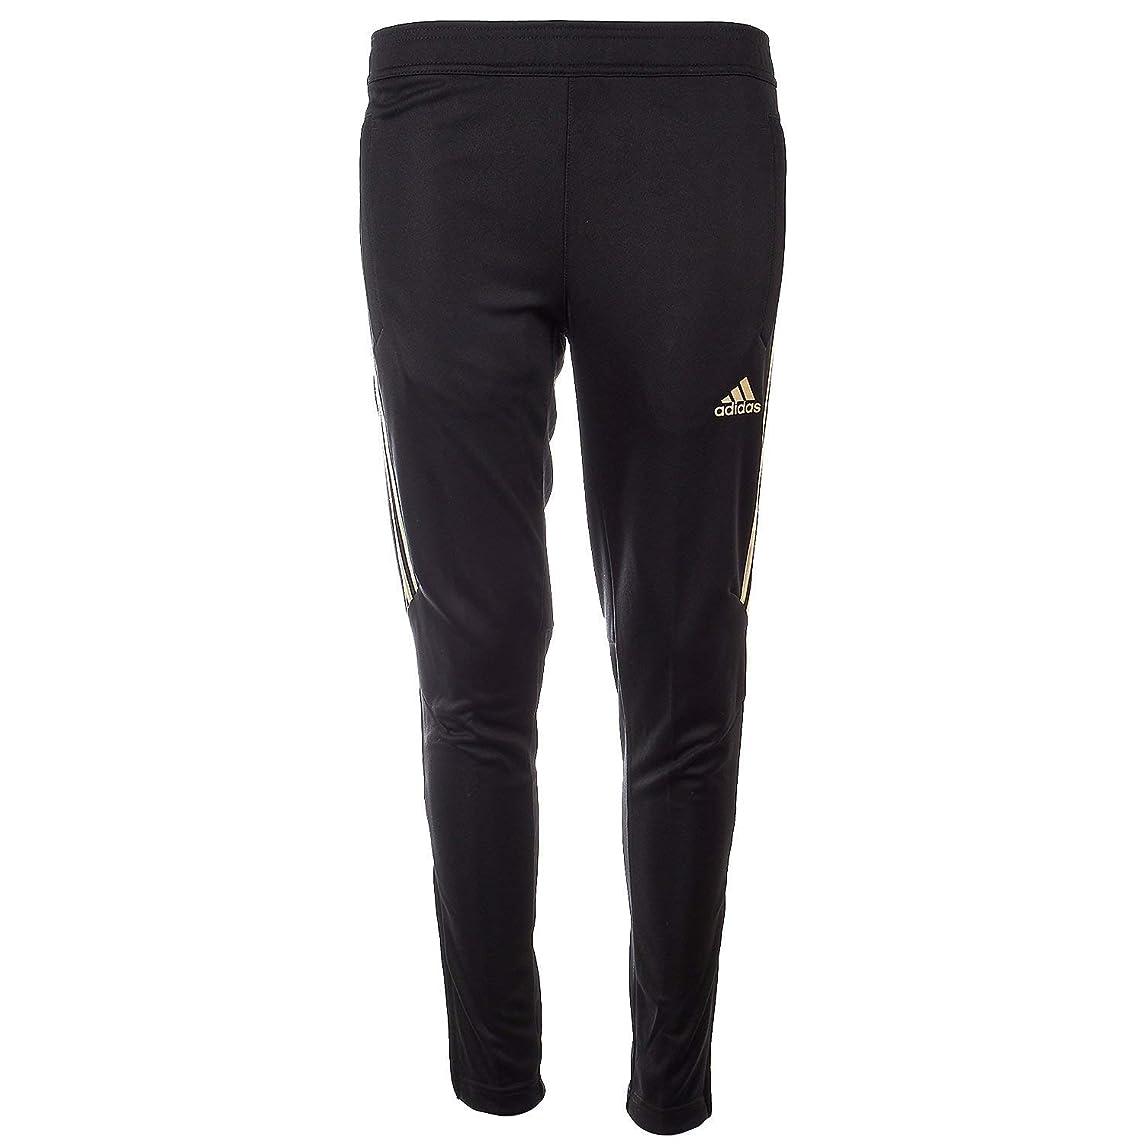 adidas Kids Boy's Tiro 17 Training Pants - Metallic (Little Kids/Big Kids) Black/Metallic Gold X-Large